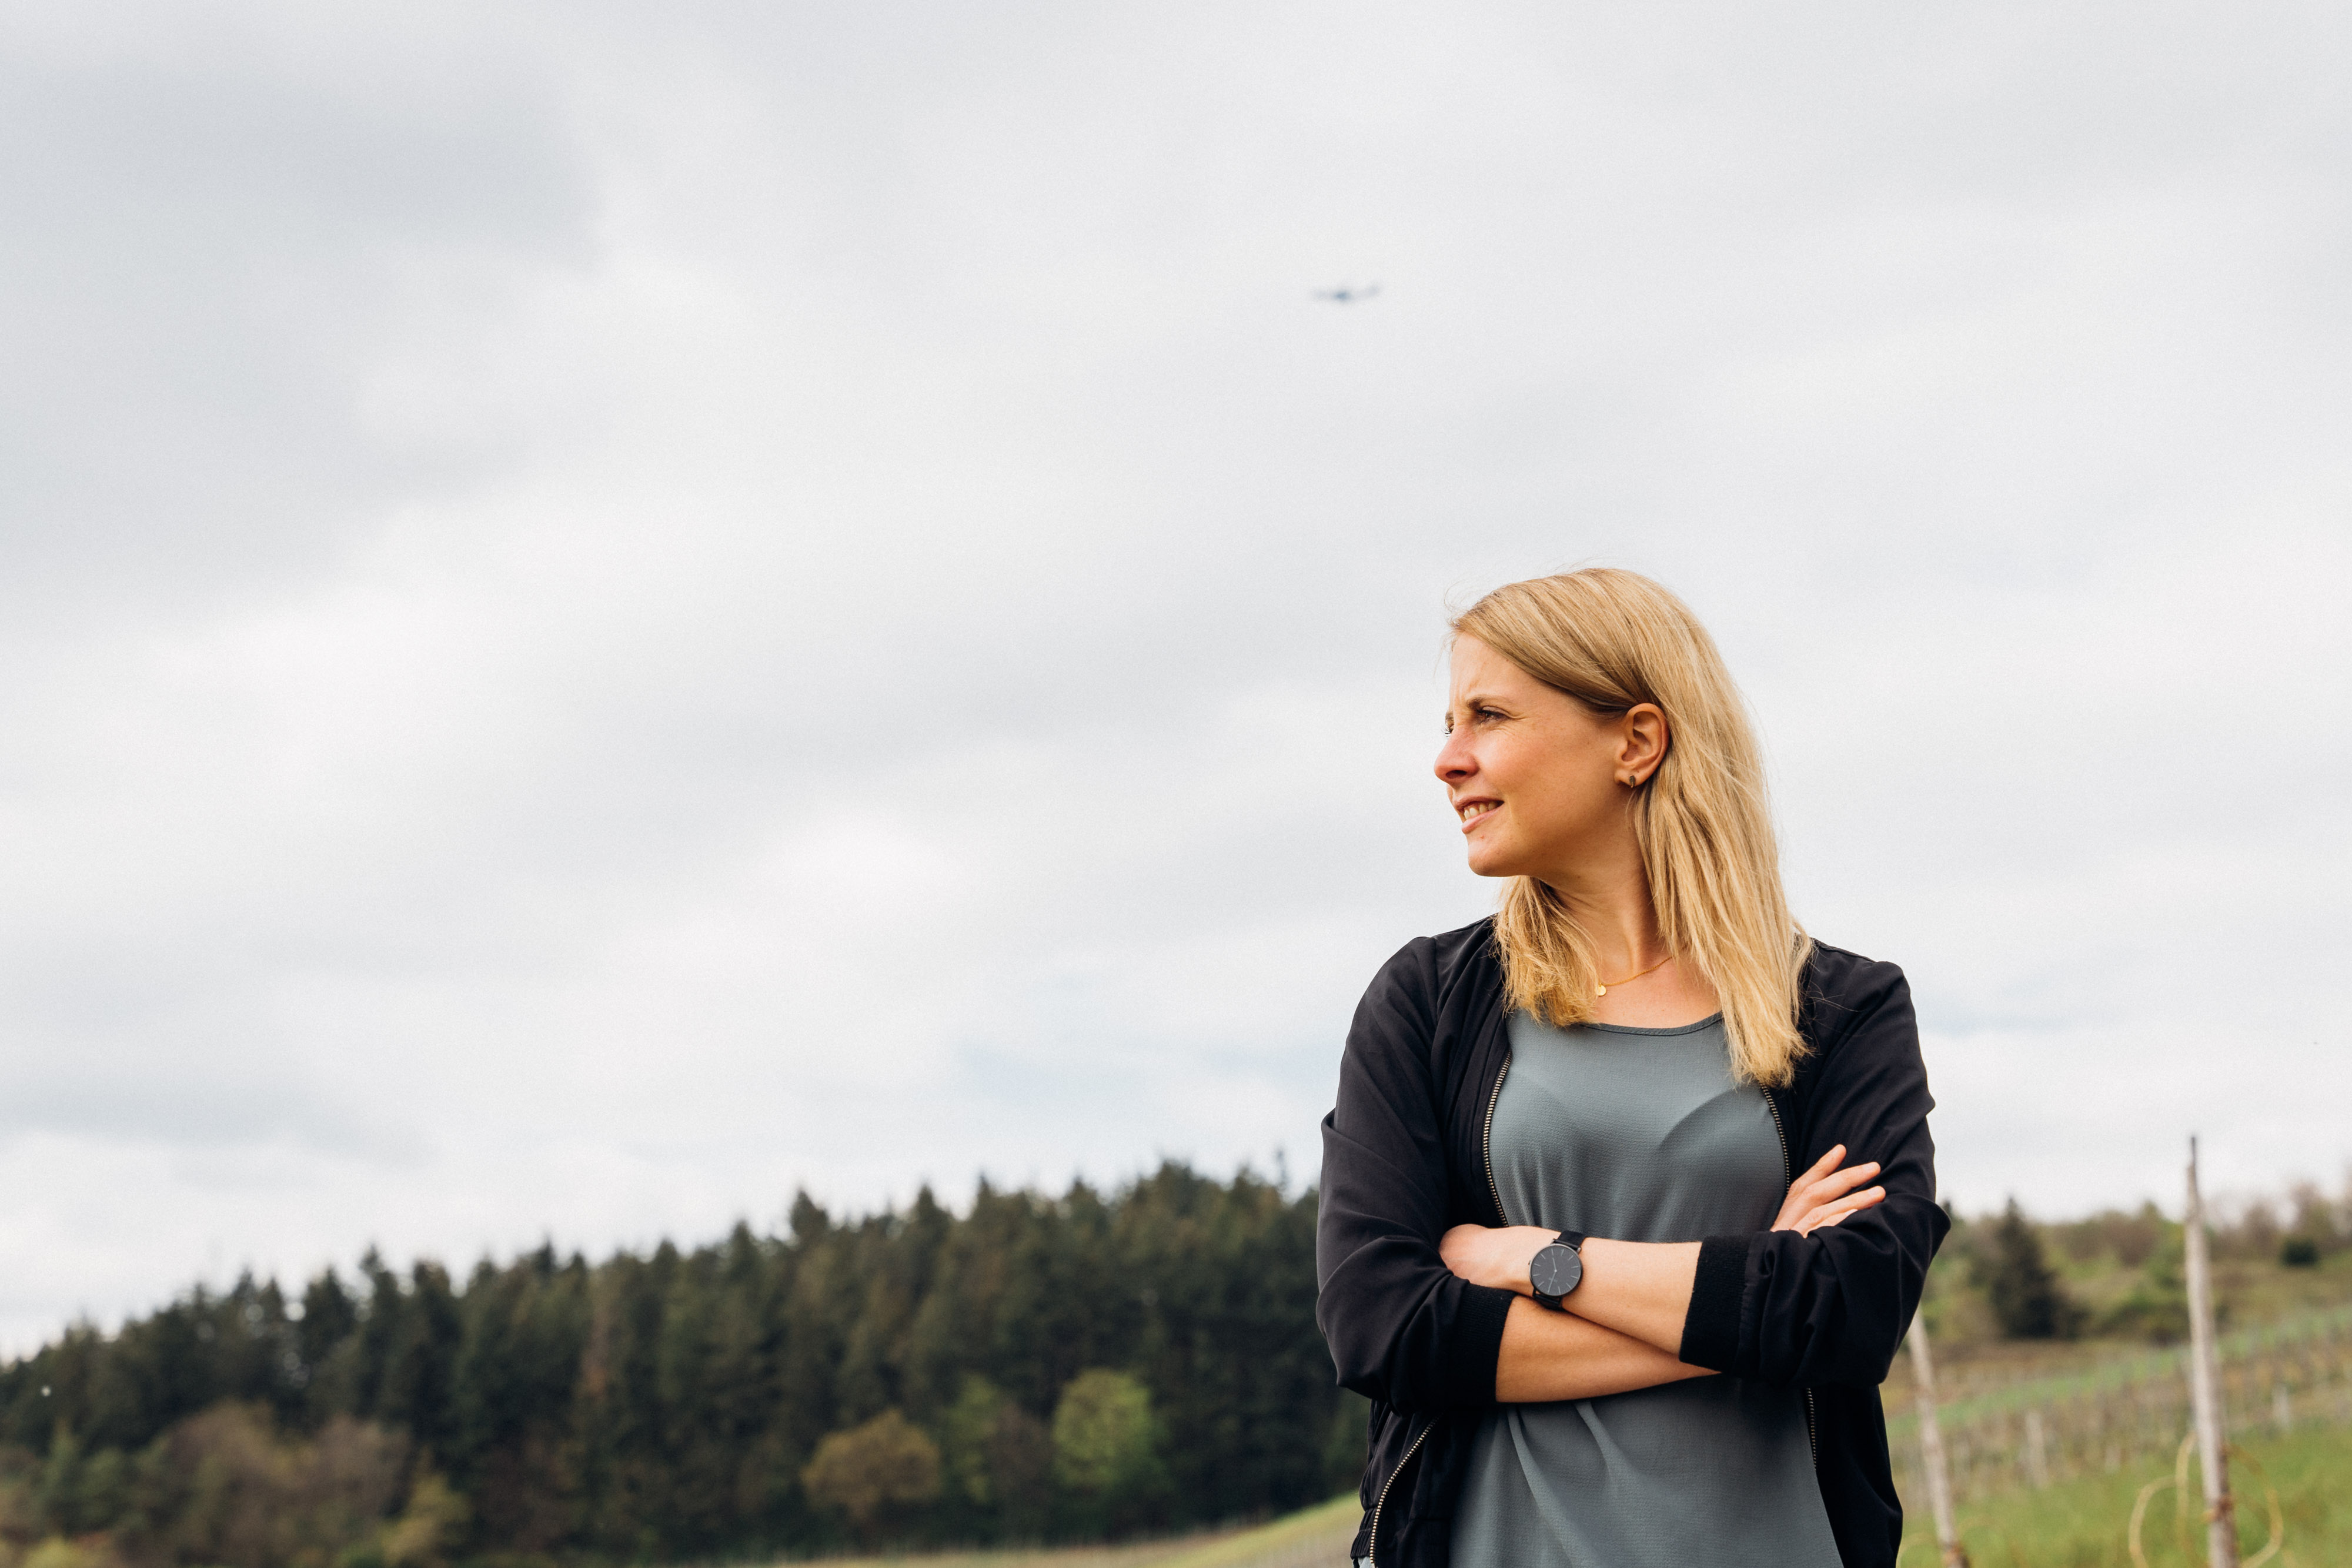 Mit dem Zukunftsfonds 2.0 möchte die Gründerin Start-ups aus Deutschland die Chance geben, mit der Weltspitze mithalten zu können.